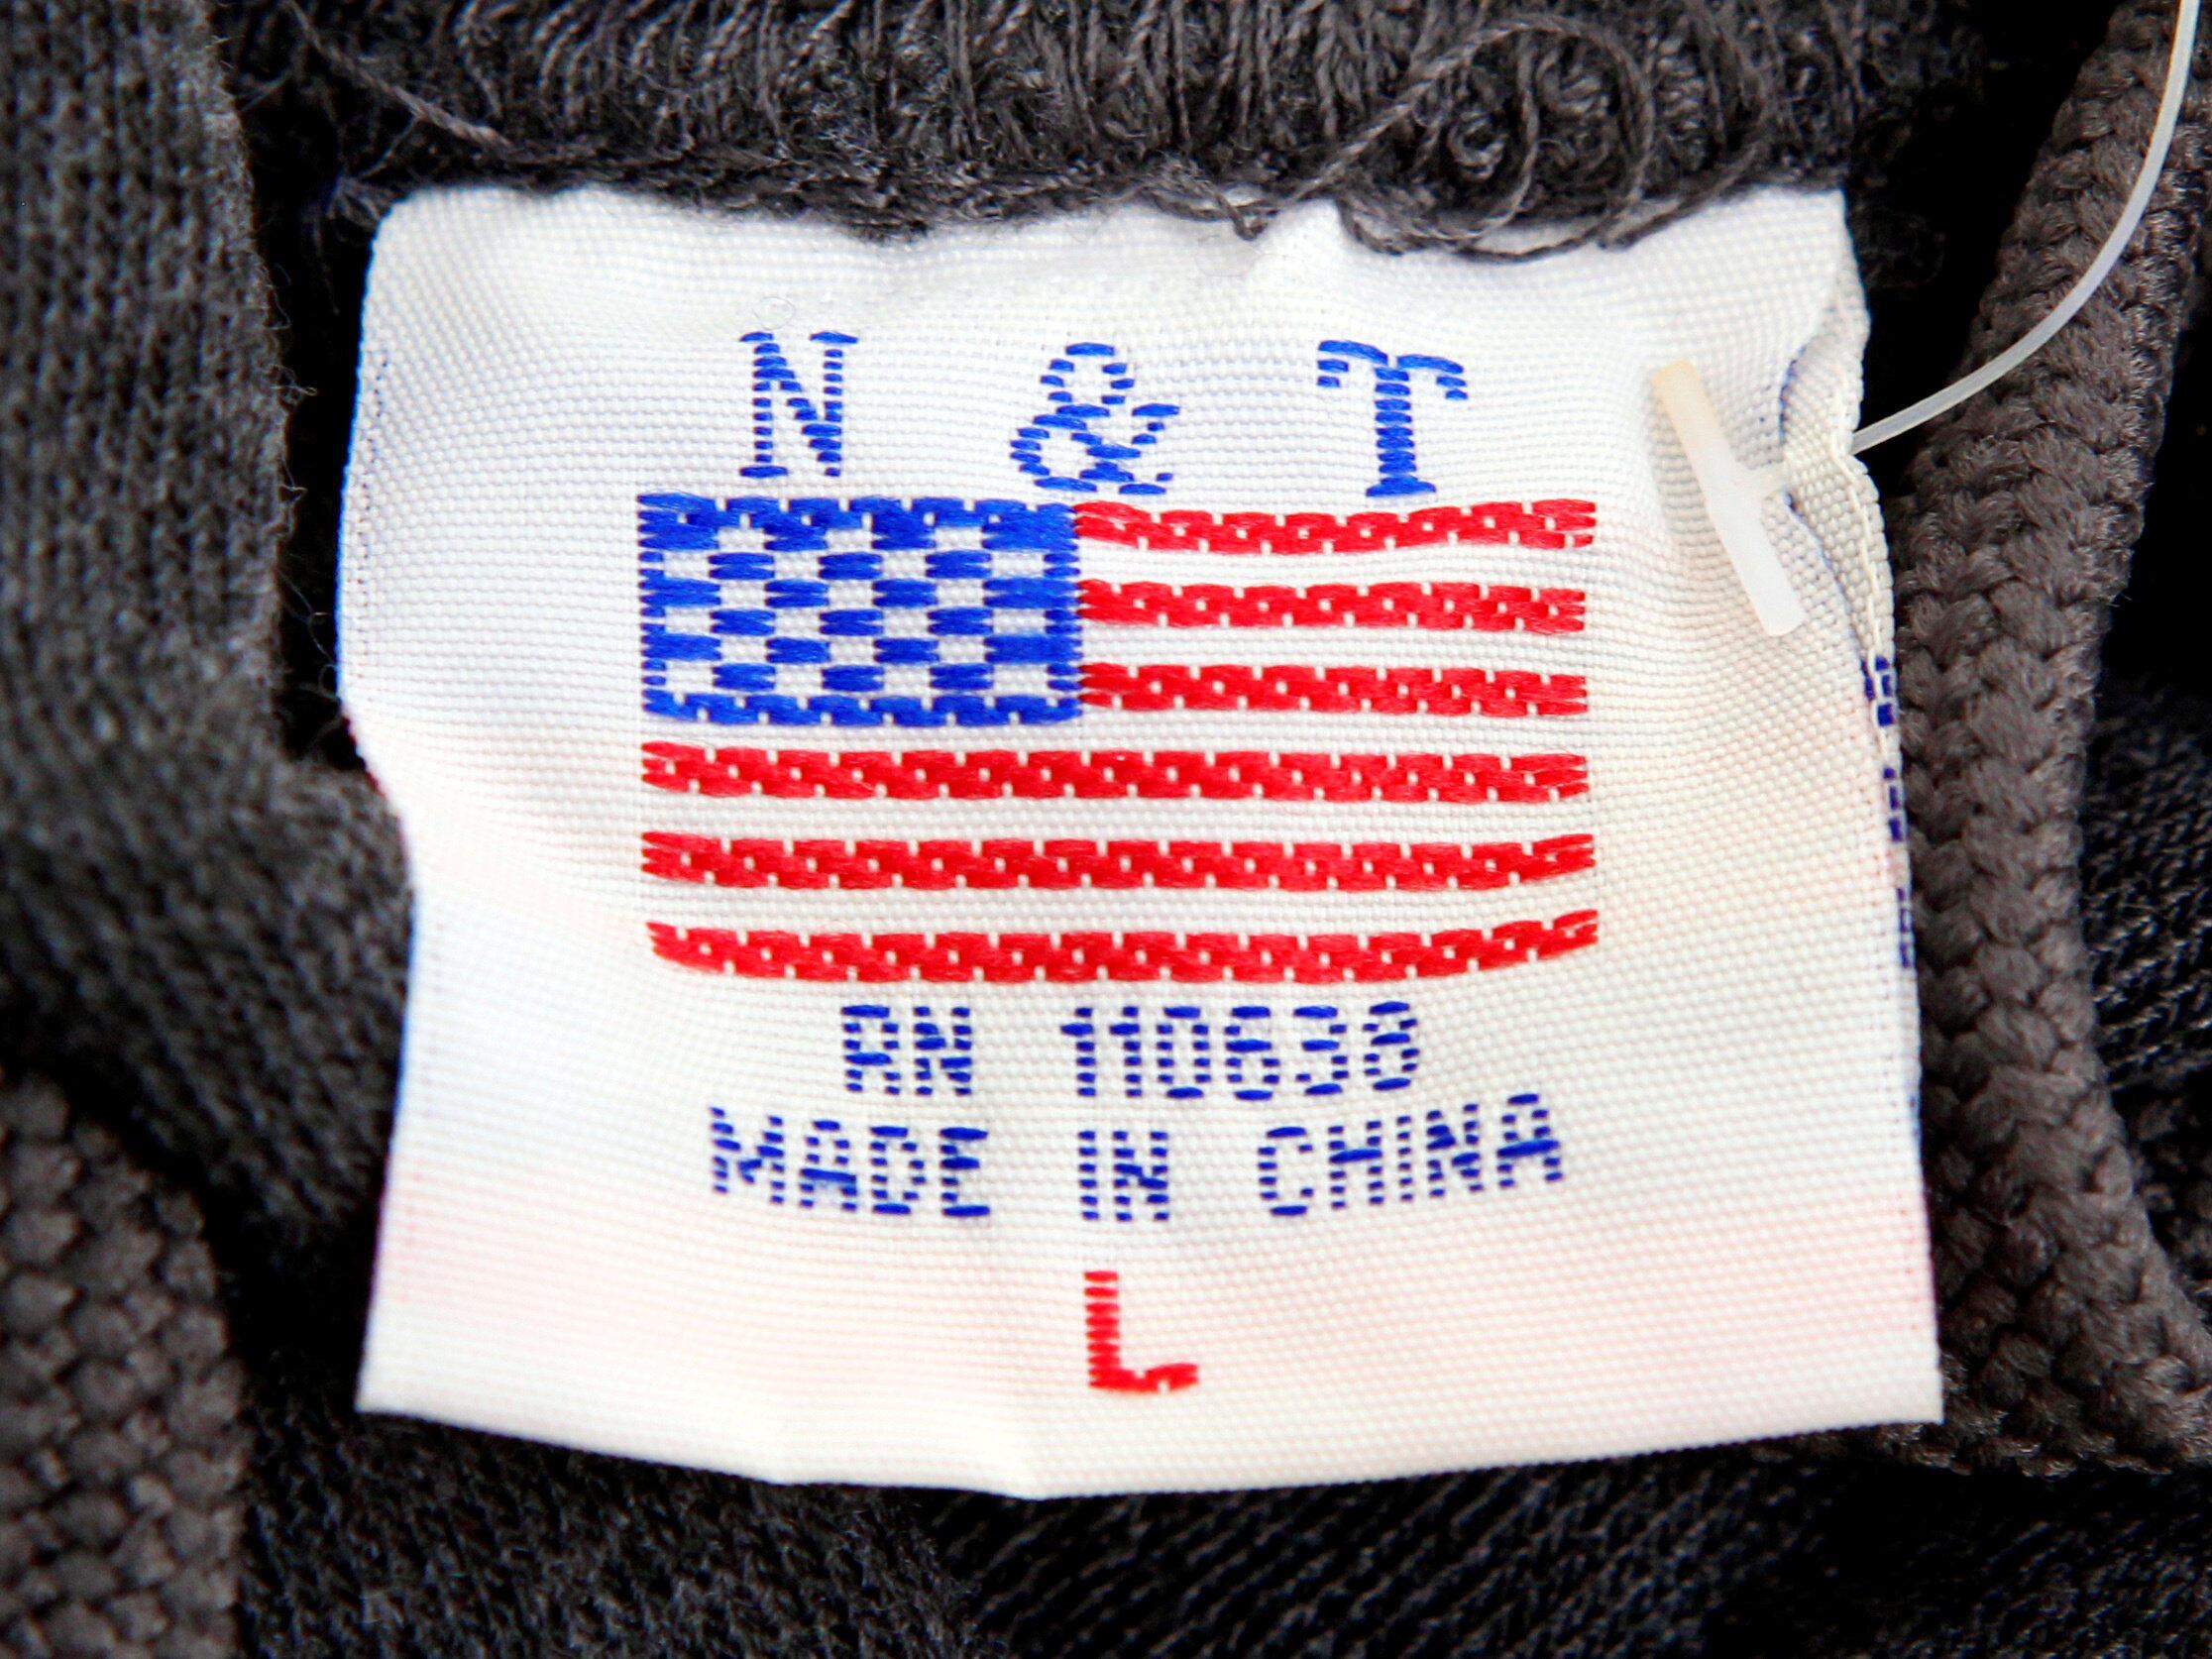 Etiqueta de una bandera estadounidense en una camiseta fabricada en China.